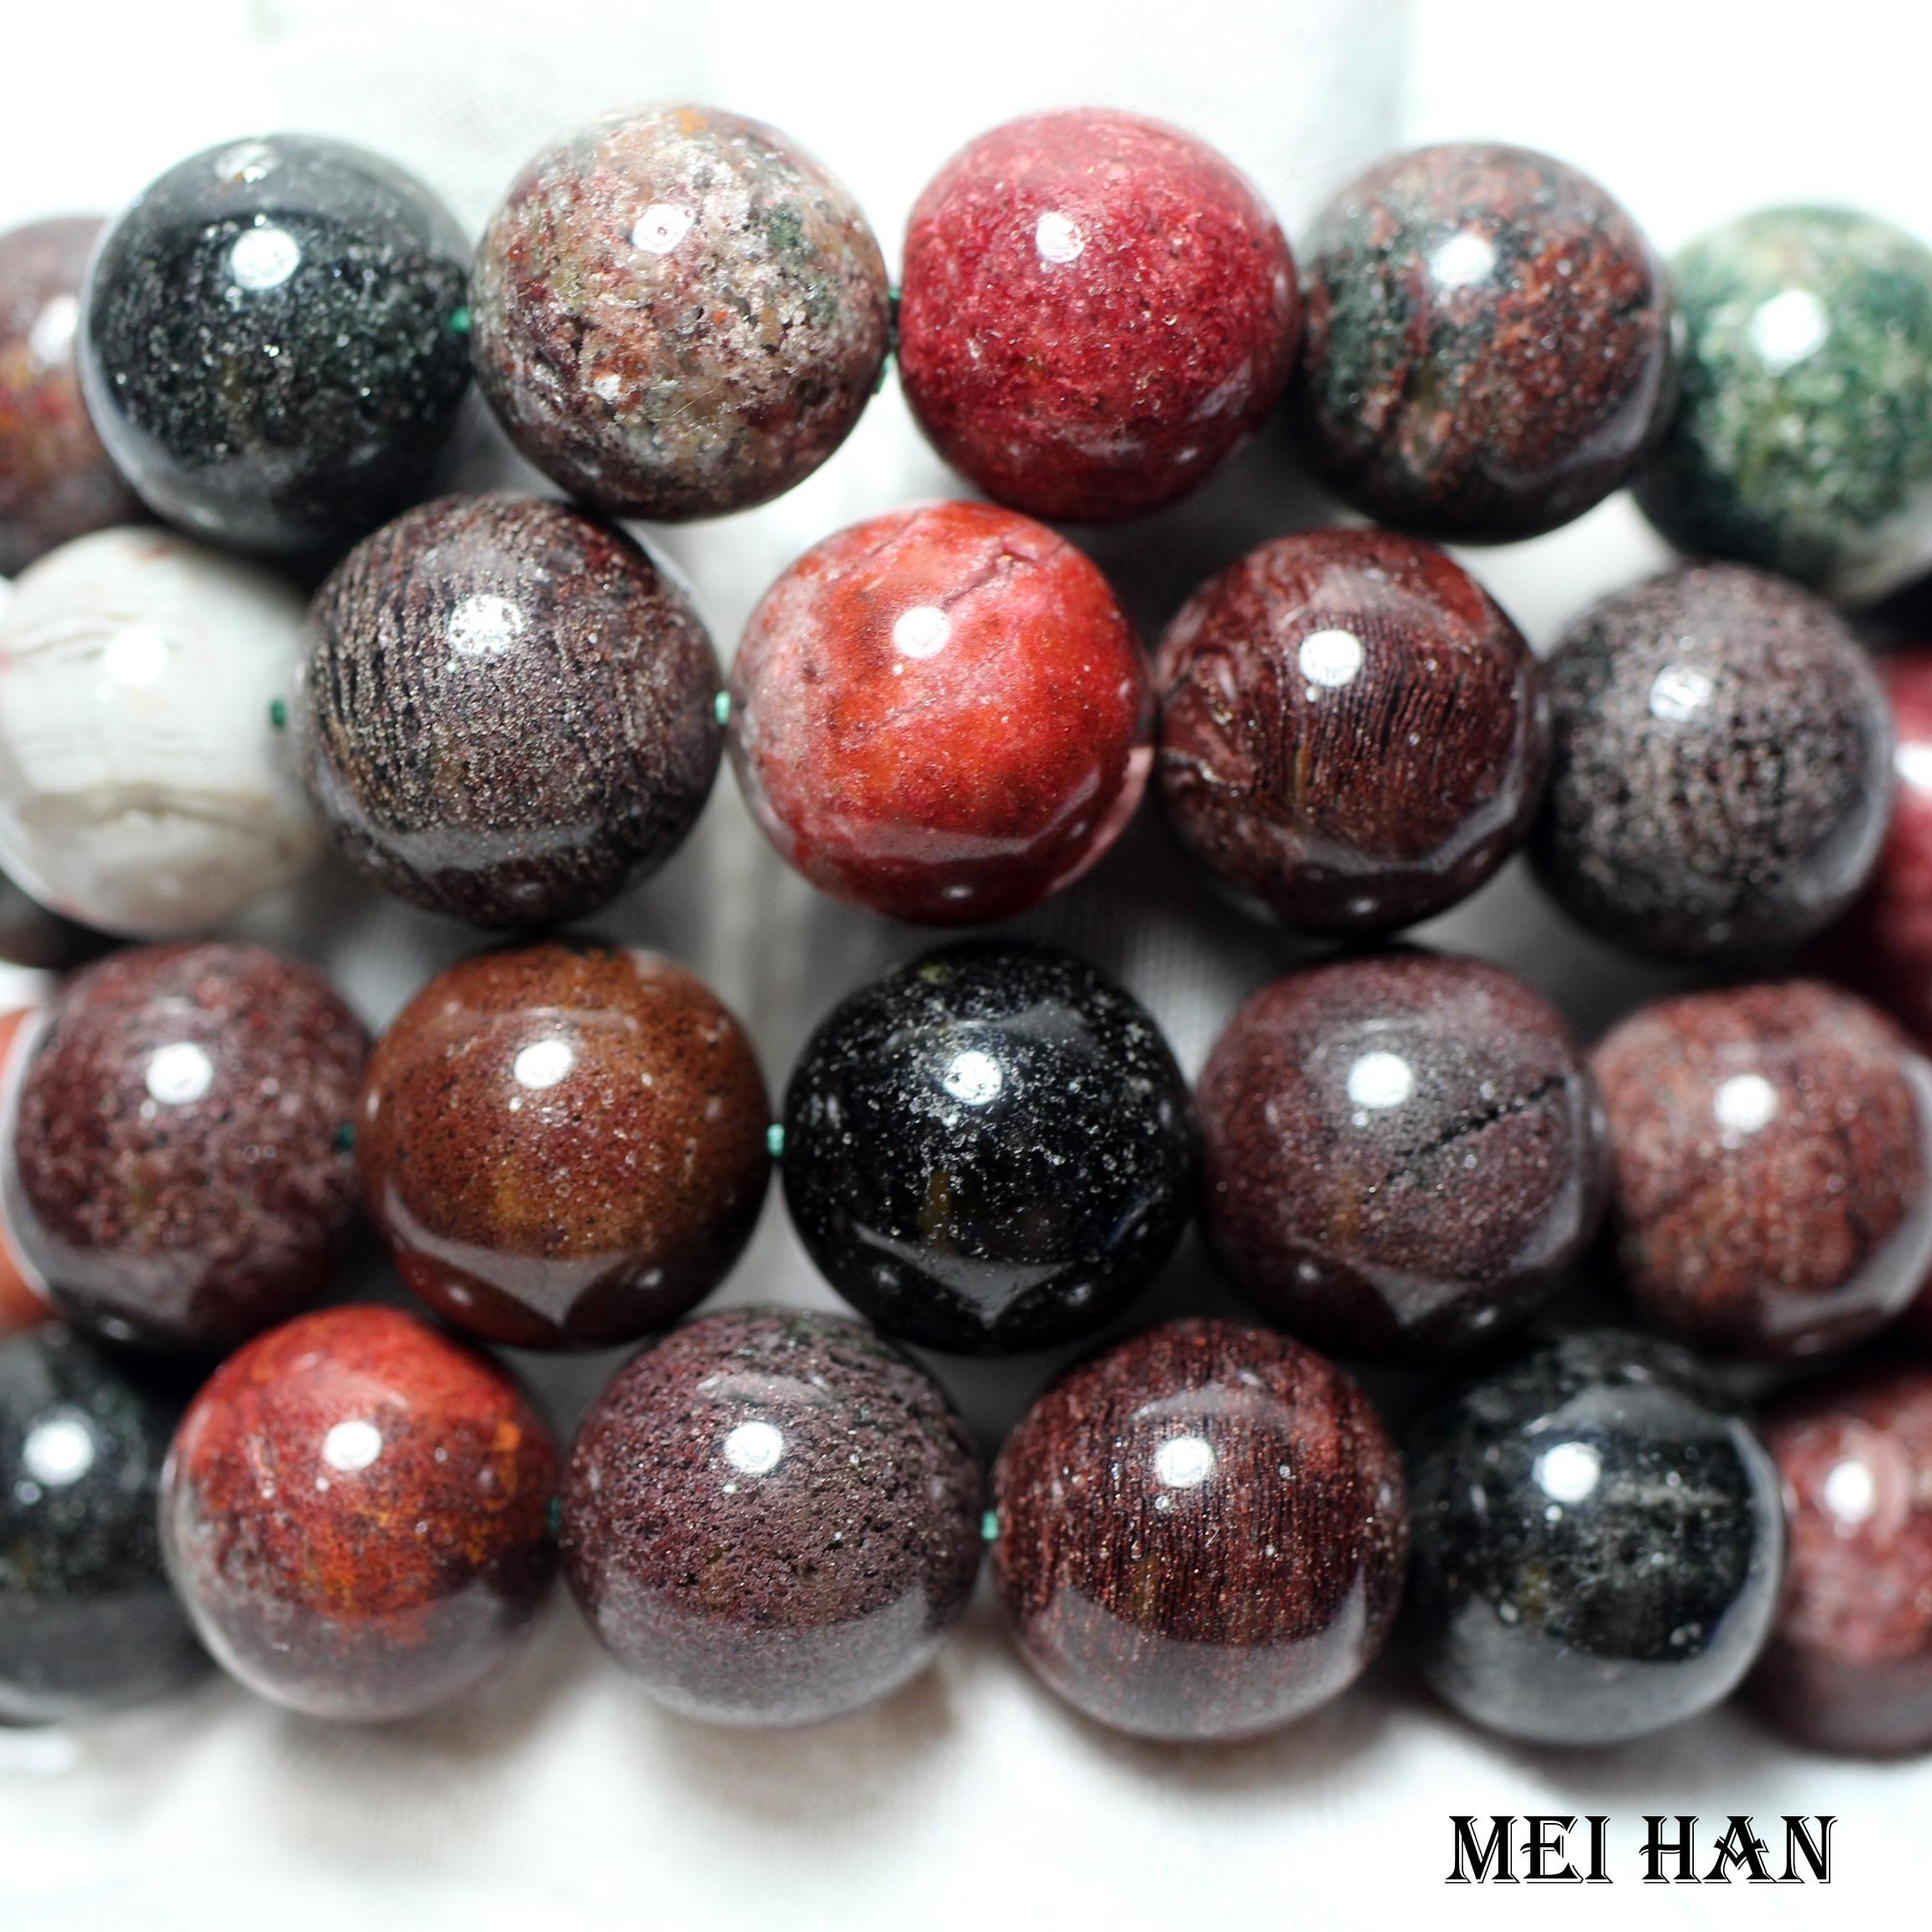 Großhandel (14 perlen/set/80g) 16 16,8mm echte Brasilien bunte phantom armband glatte runde kristall für geschenk oder schmuck machen-in Perlen aus Schmuck und Accessoires bei  Gruppe 1